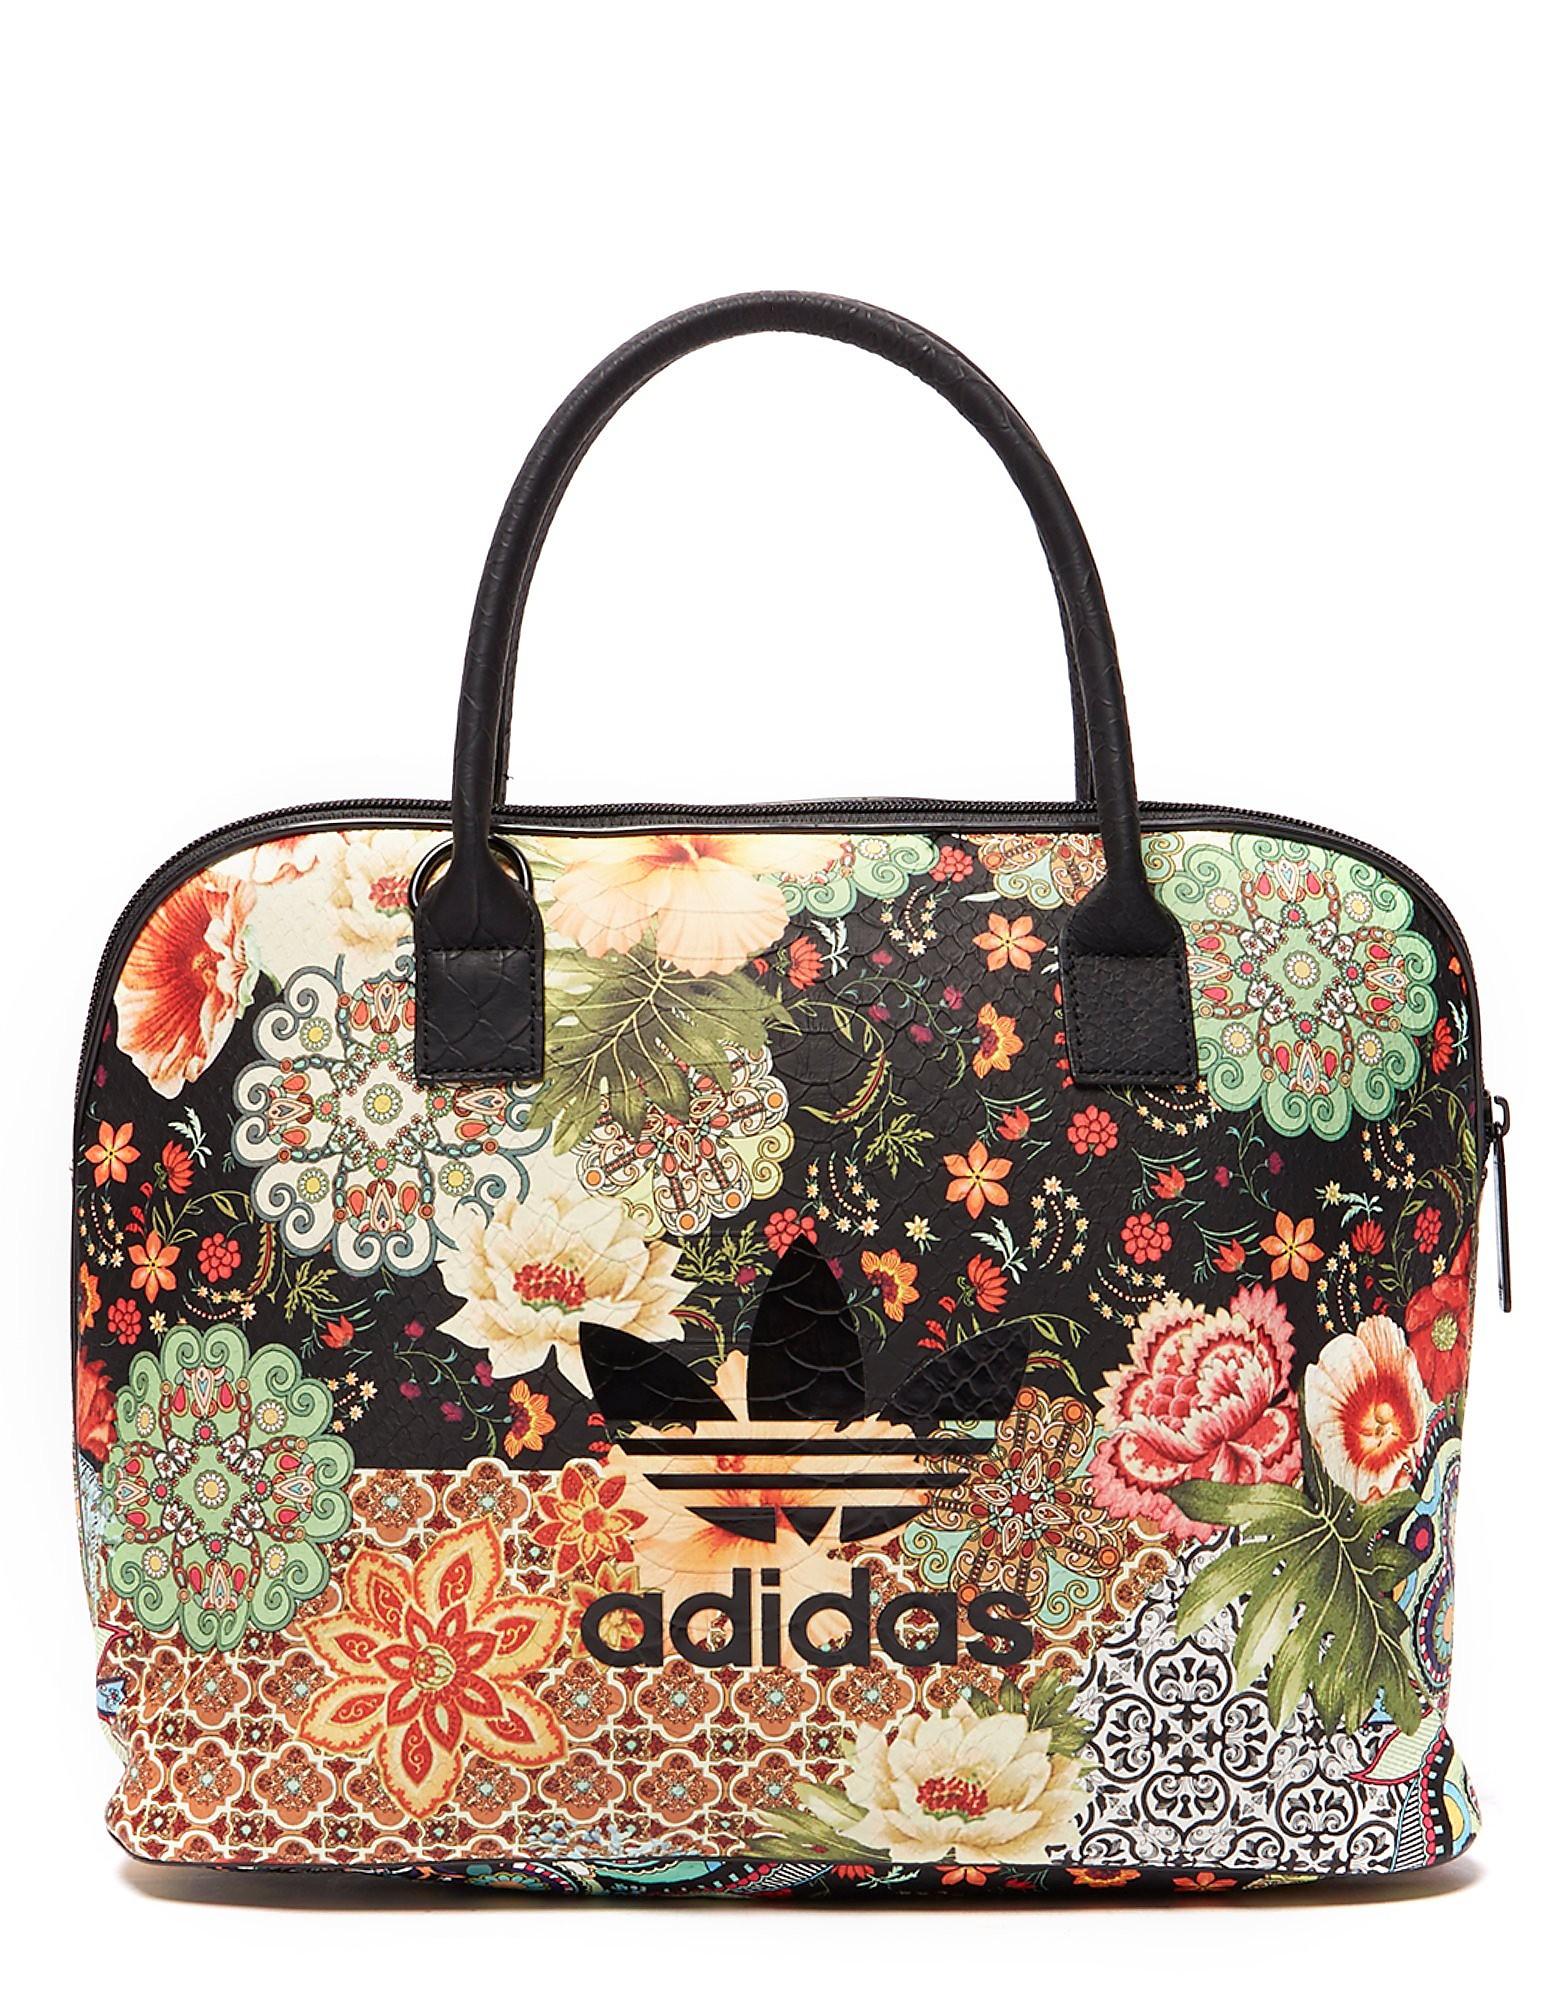 adidas Originals Jardim Aghata Bowling Bag